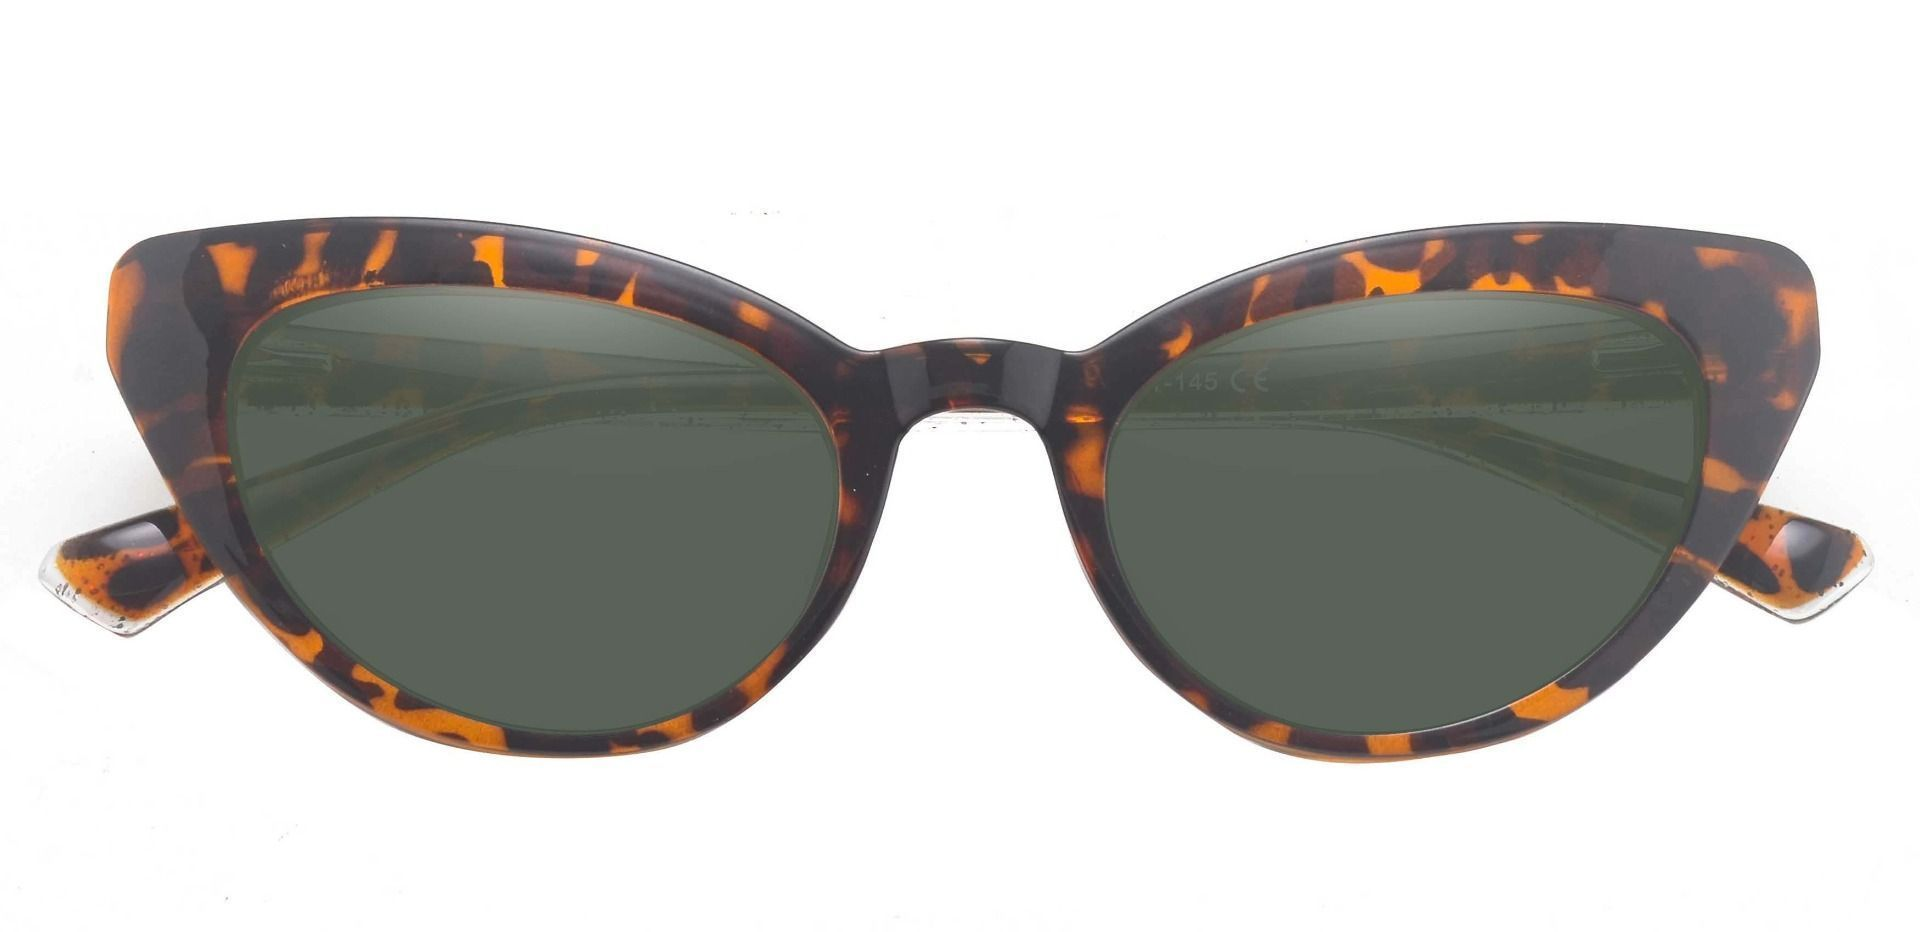 June Cat Eye Prescription Sunglasses - Leopard Frame With Green Lenses